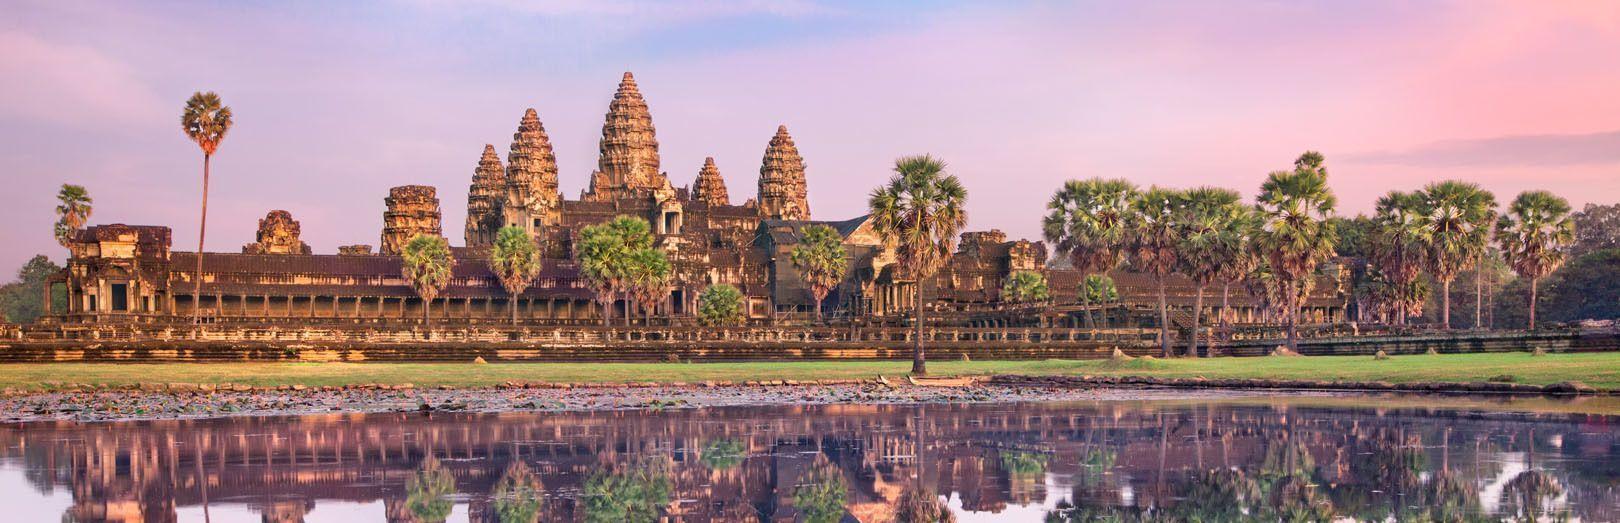 Cambogia: Angkor Wat e le bellezze dell'entroterra